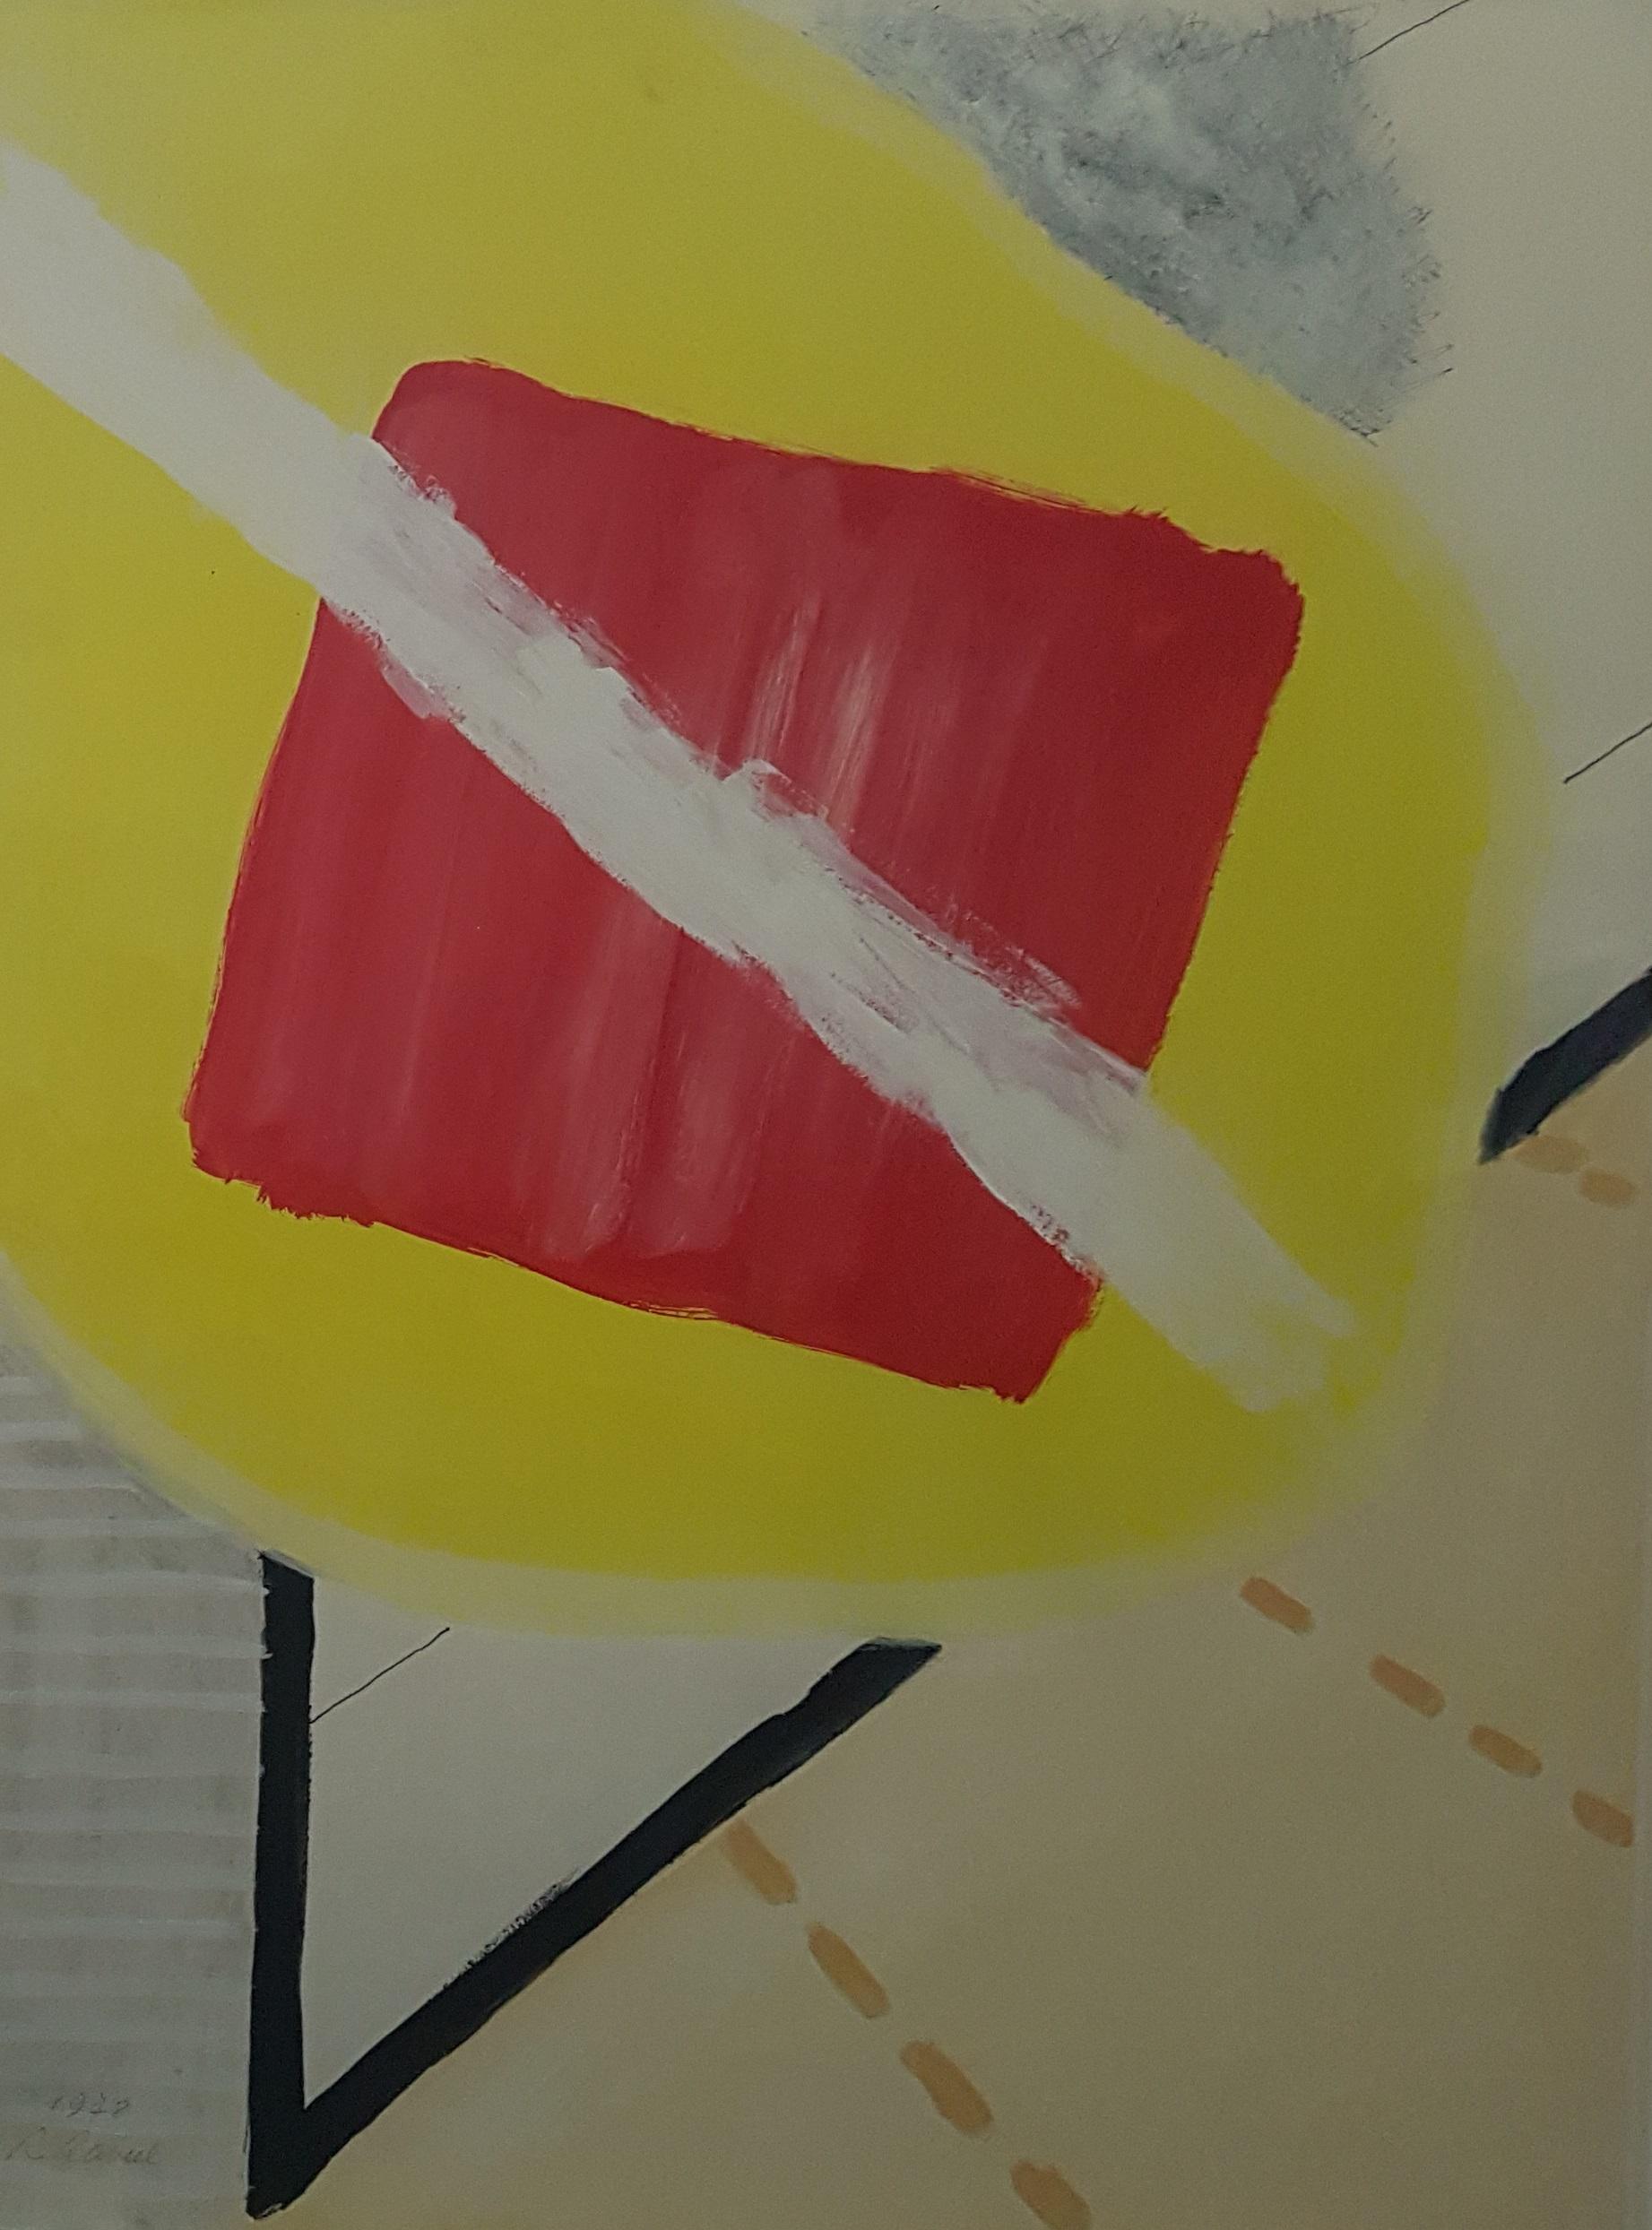 Rood optocht vierkant  (De schilderijenoptocht )